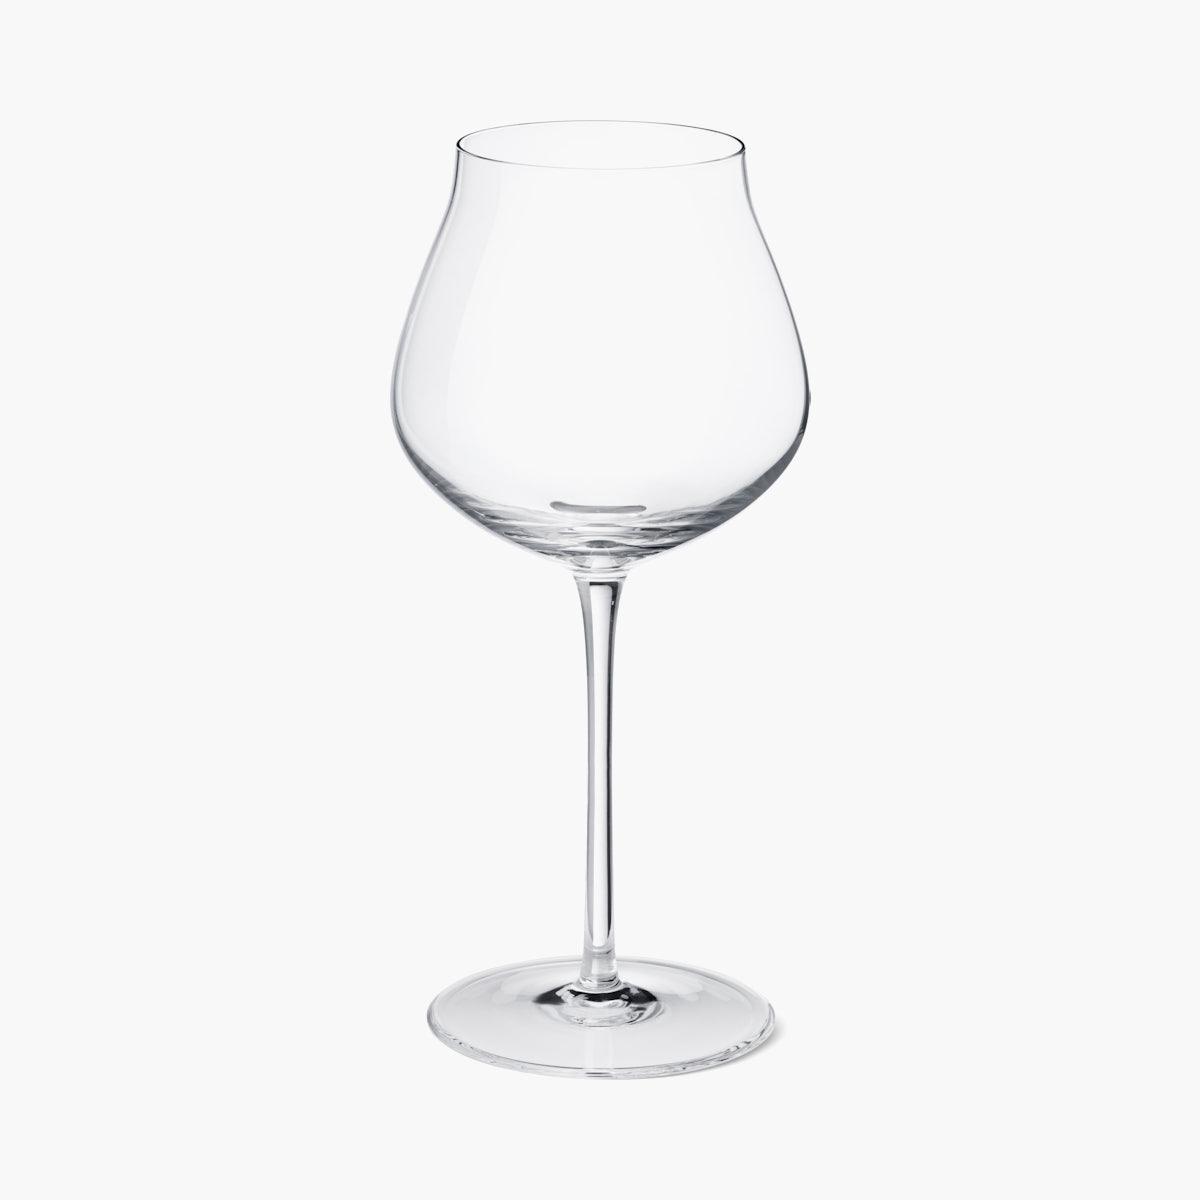 Sky Glassware